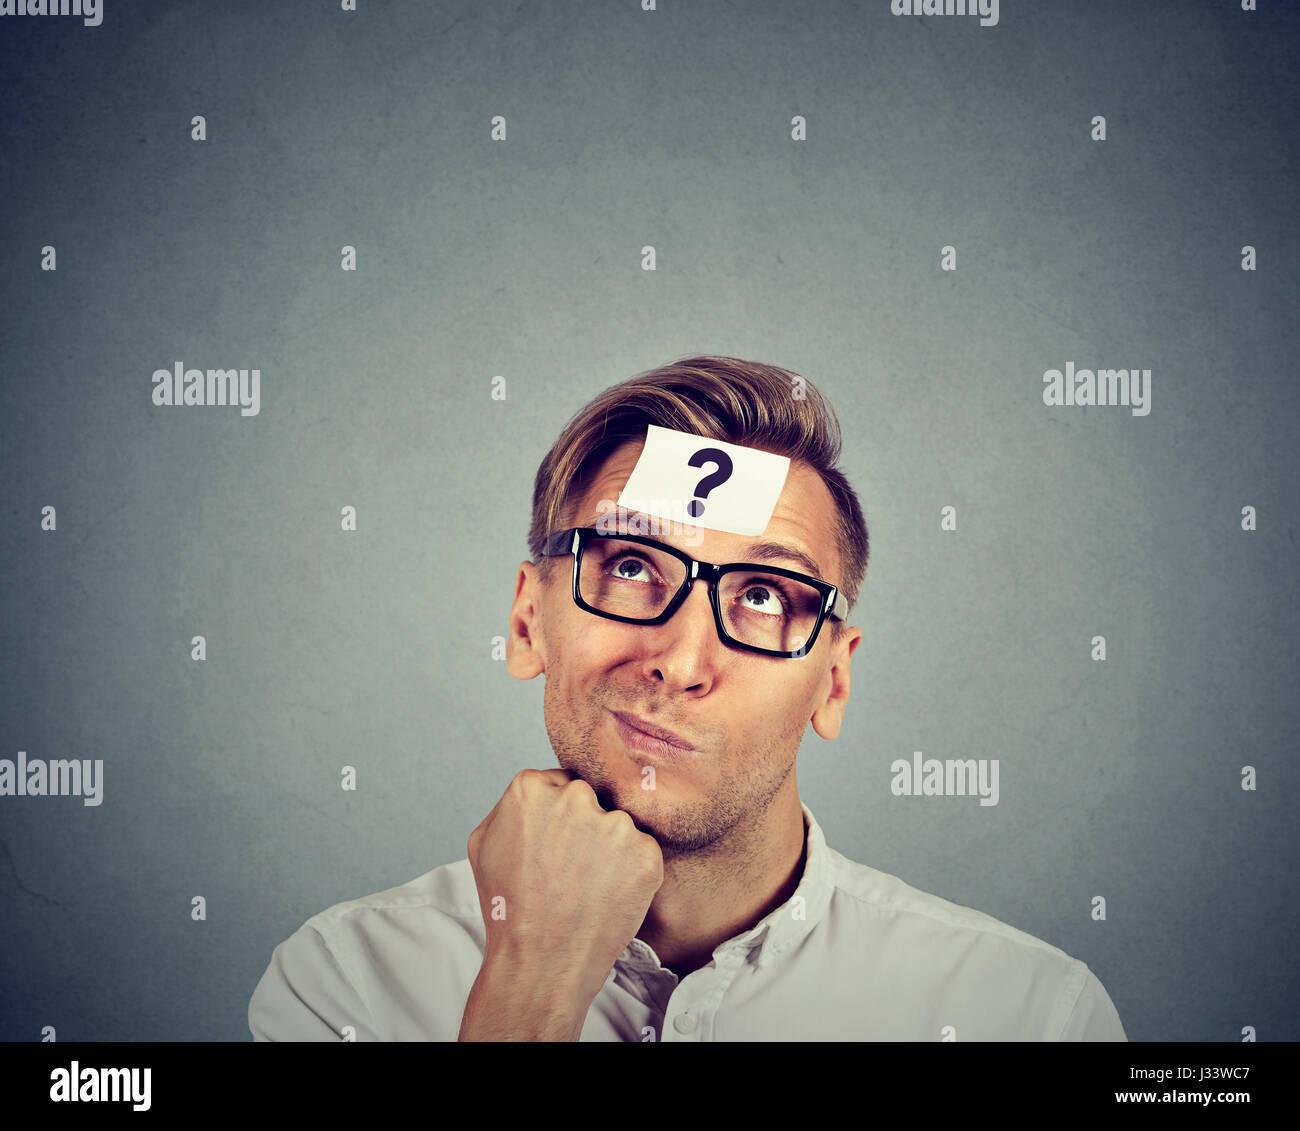 Hombre pensante con signo de interrogación sobre la pared gris antecedentes Foto de stock